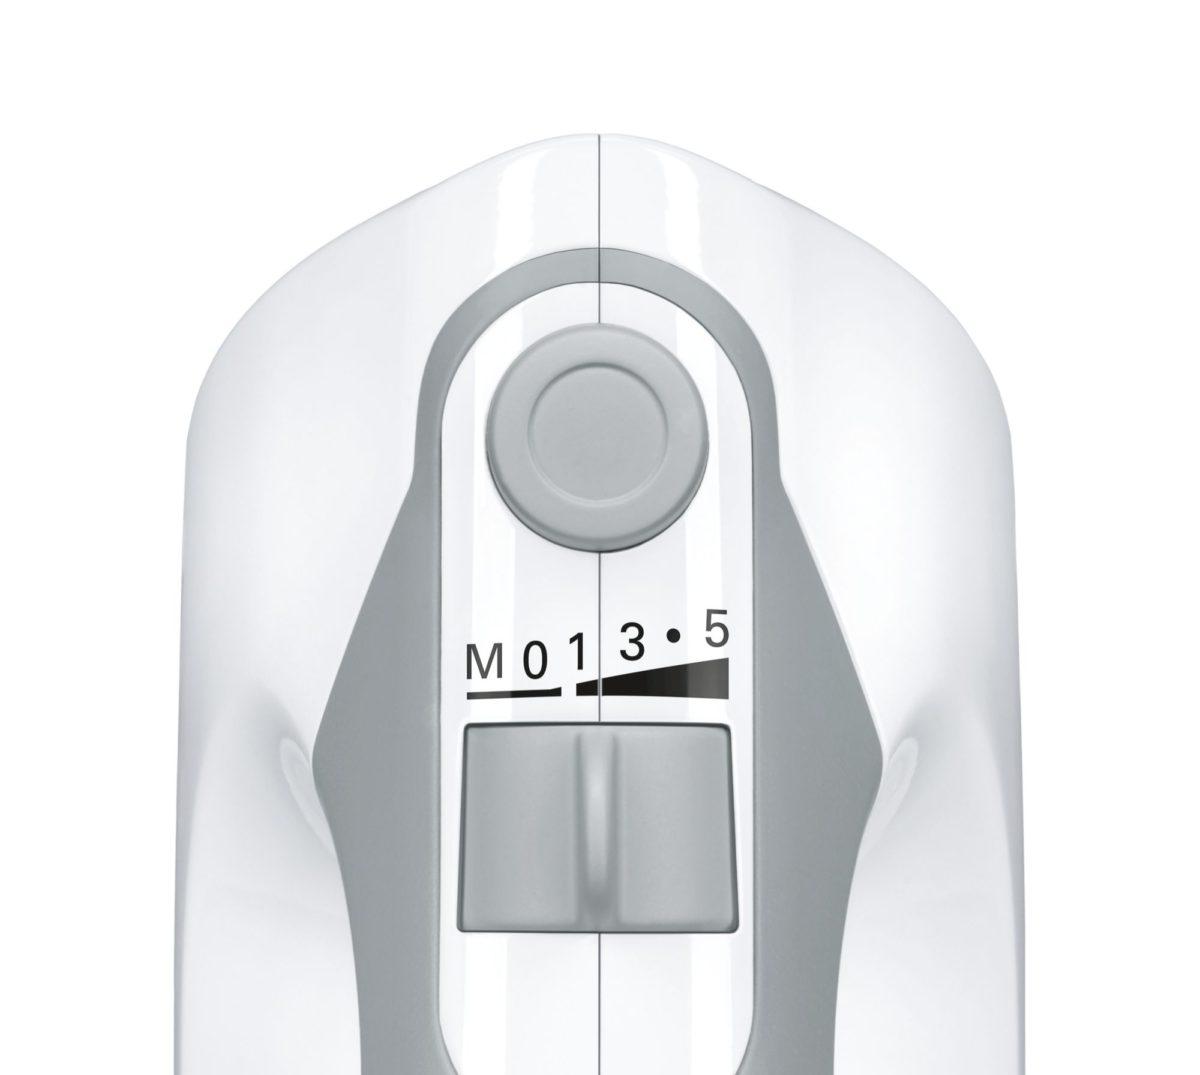 MCSA00505819 MFQ36440 Insert Speed def 1200x1075 - Mixer de mâină Bosch, ErgoMixx, 450 W Alb, MFQ36440